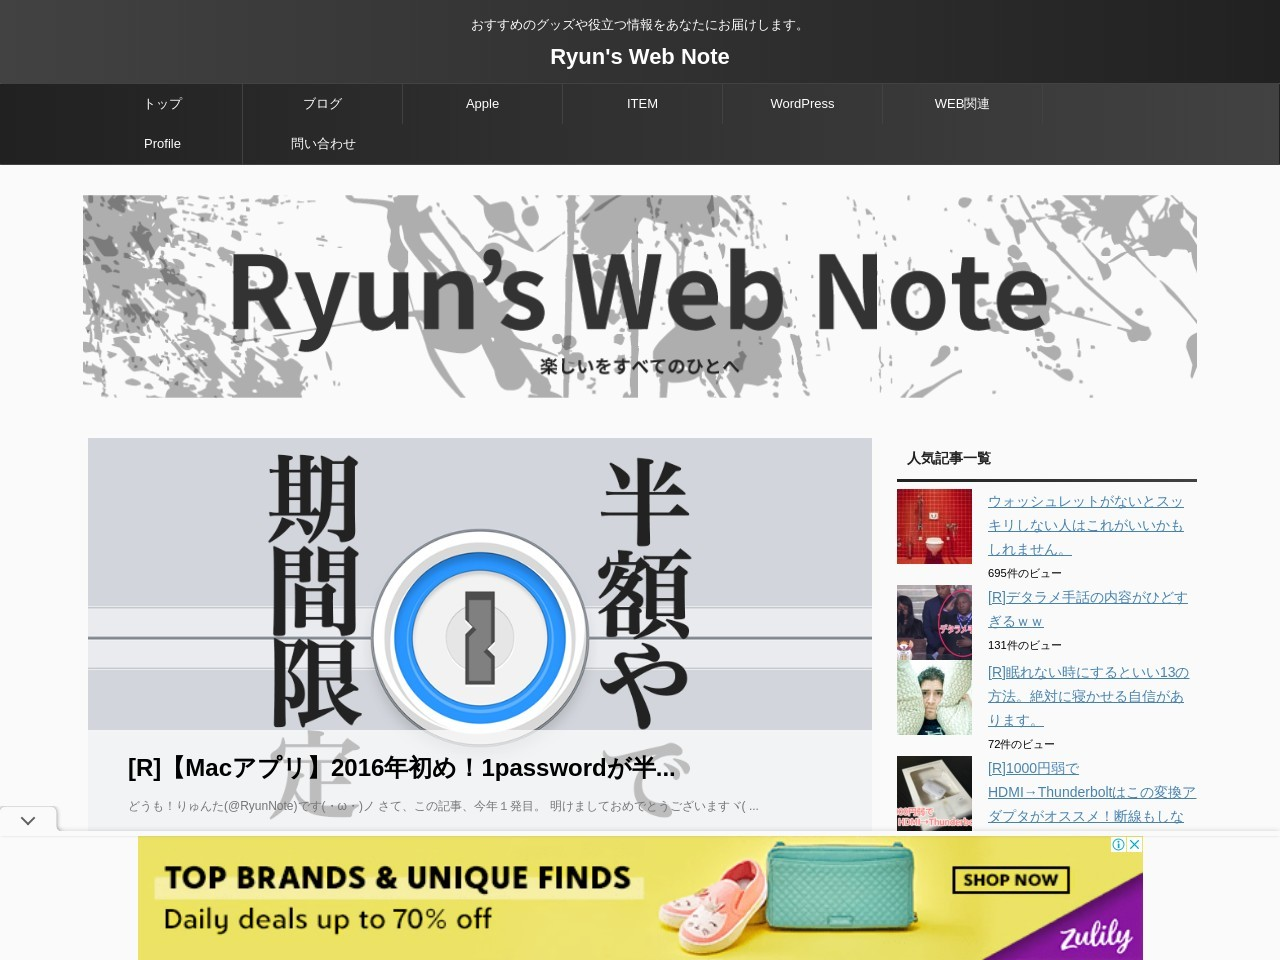 http://ryun-webnote.com/2013/09/24/ios7-to-ios6/